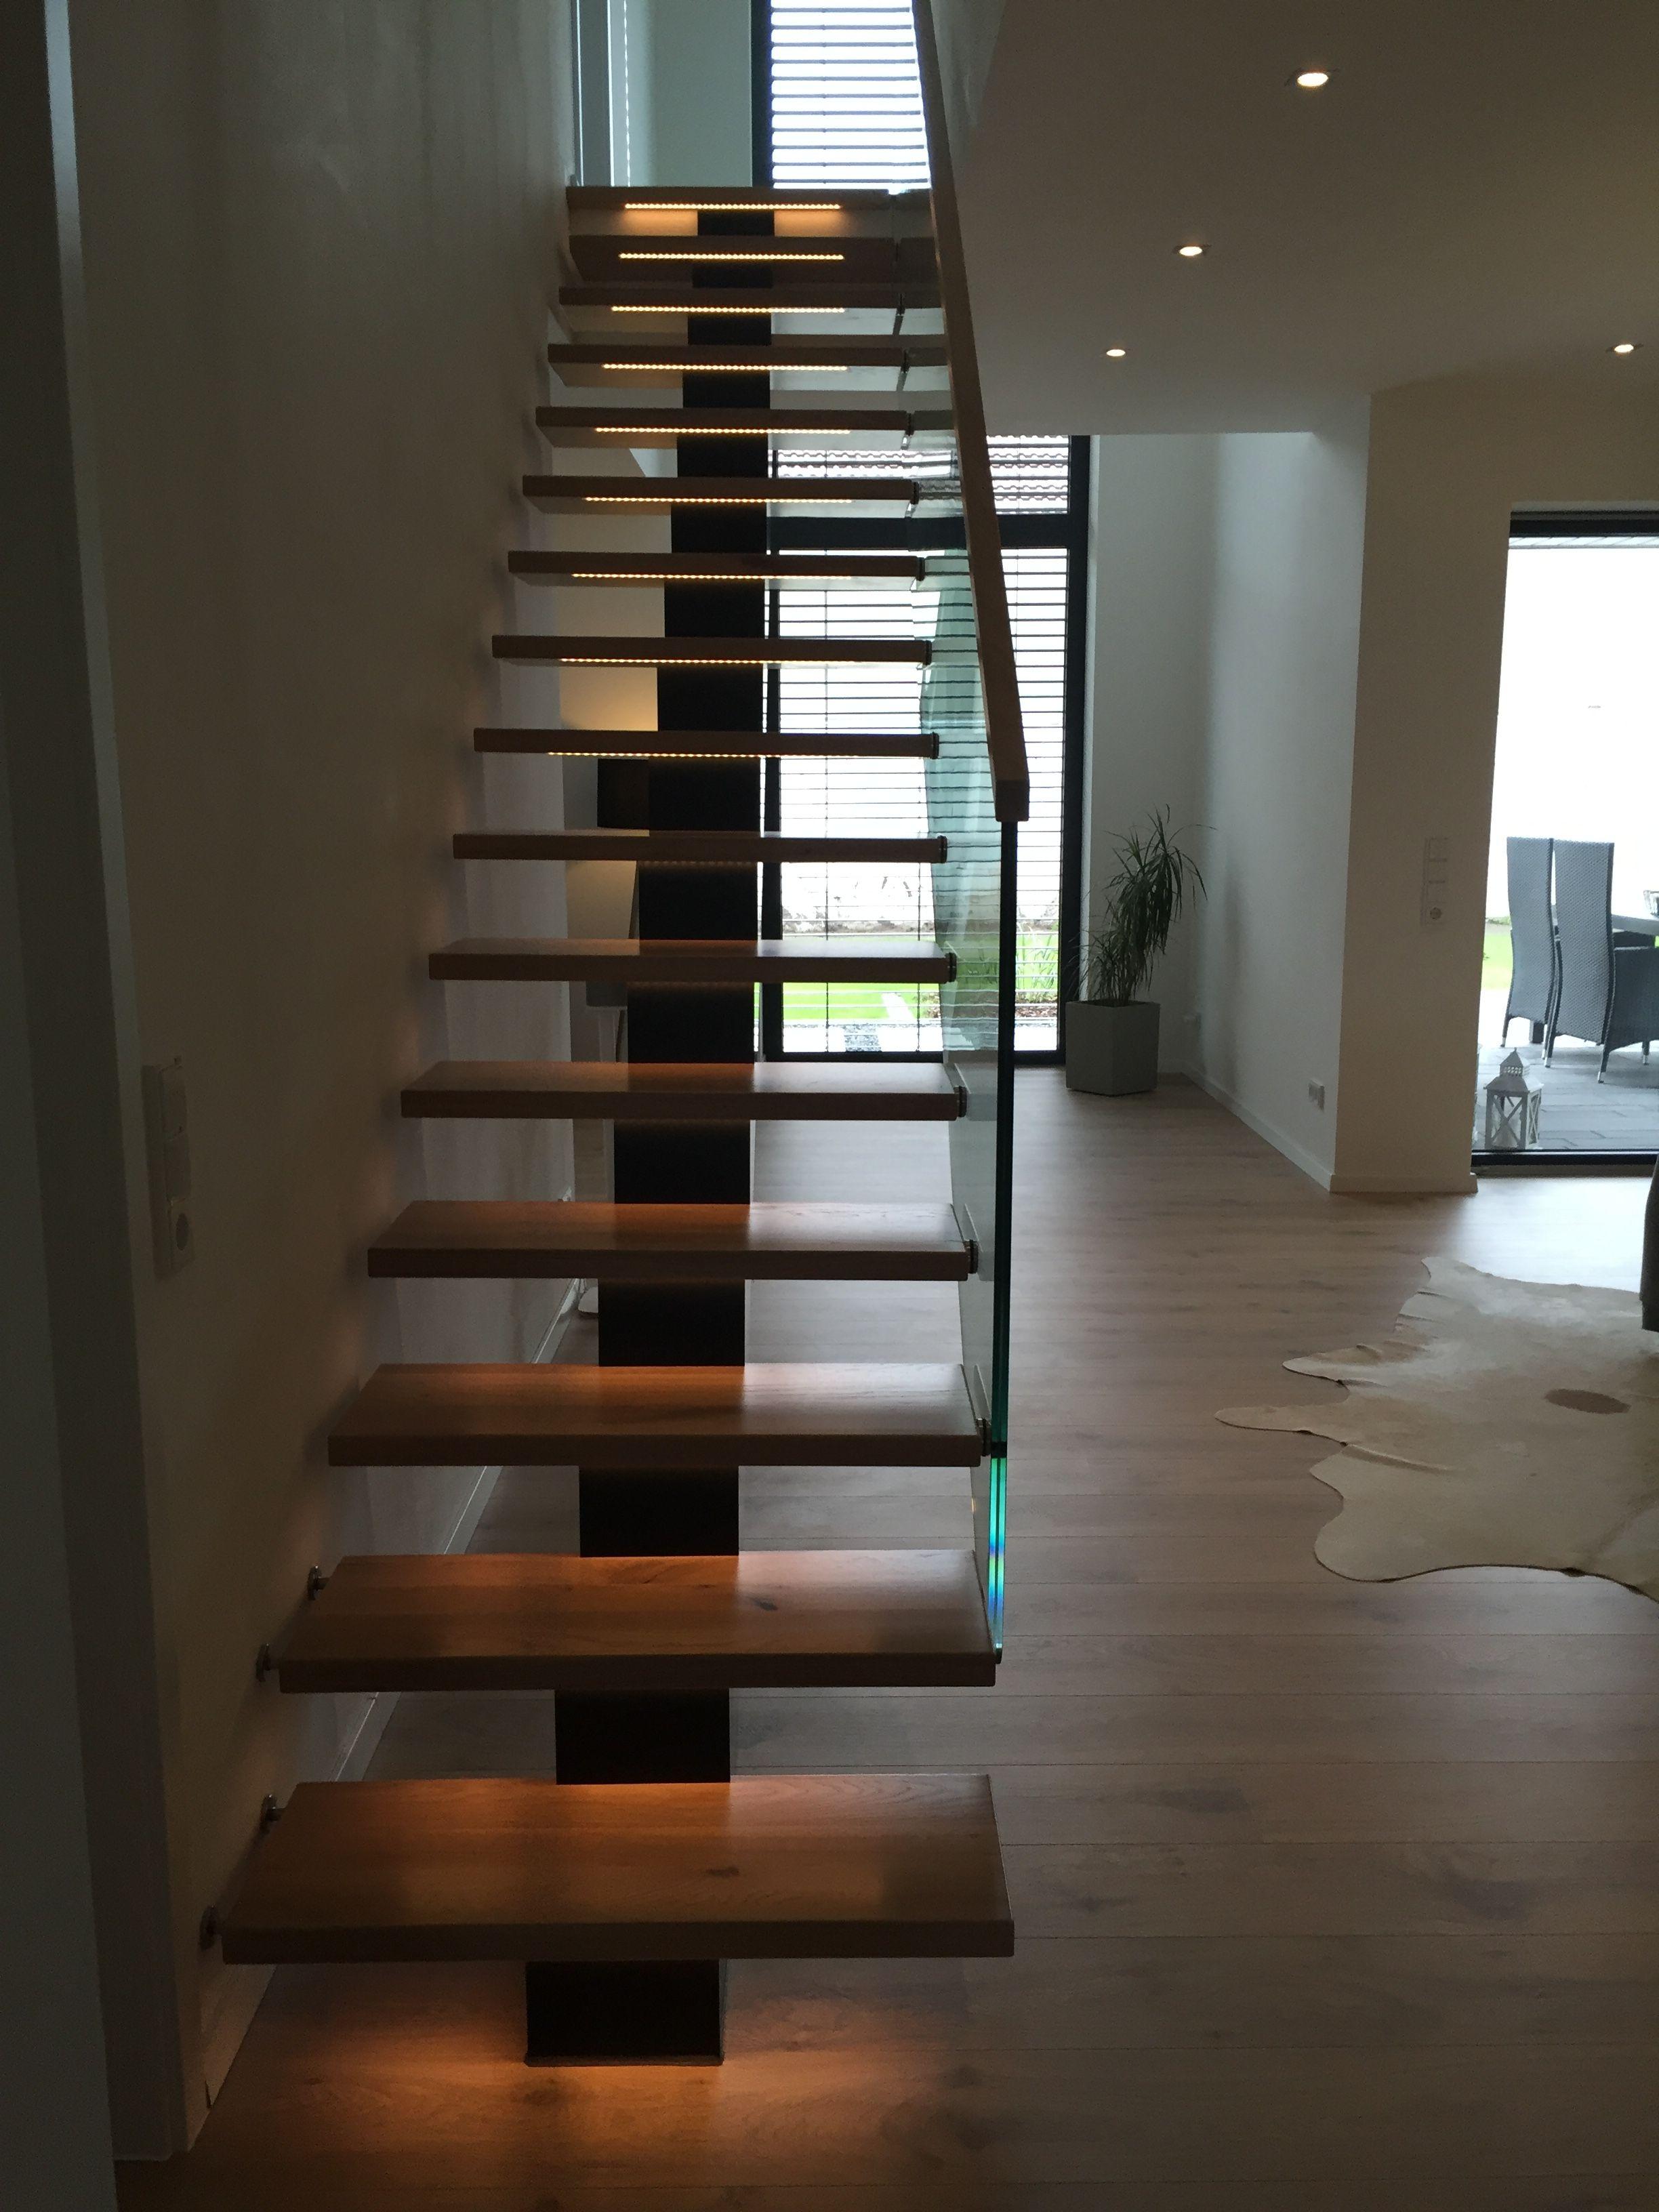 Mittelholmtreppe Mit Glasgelander Und Led Beleuchtung Gelander Treppe Treppe Innentreppen